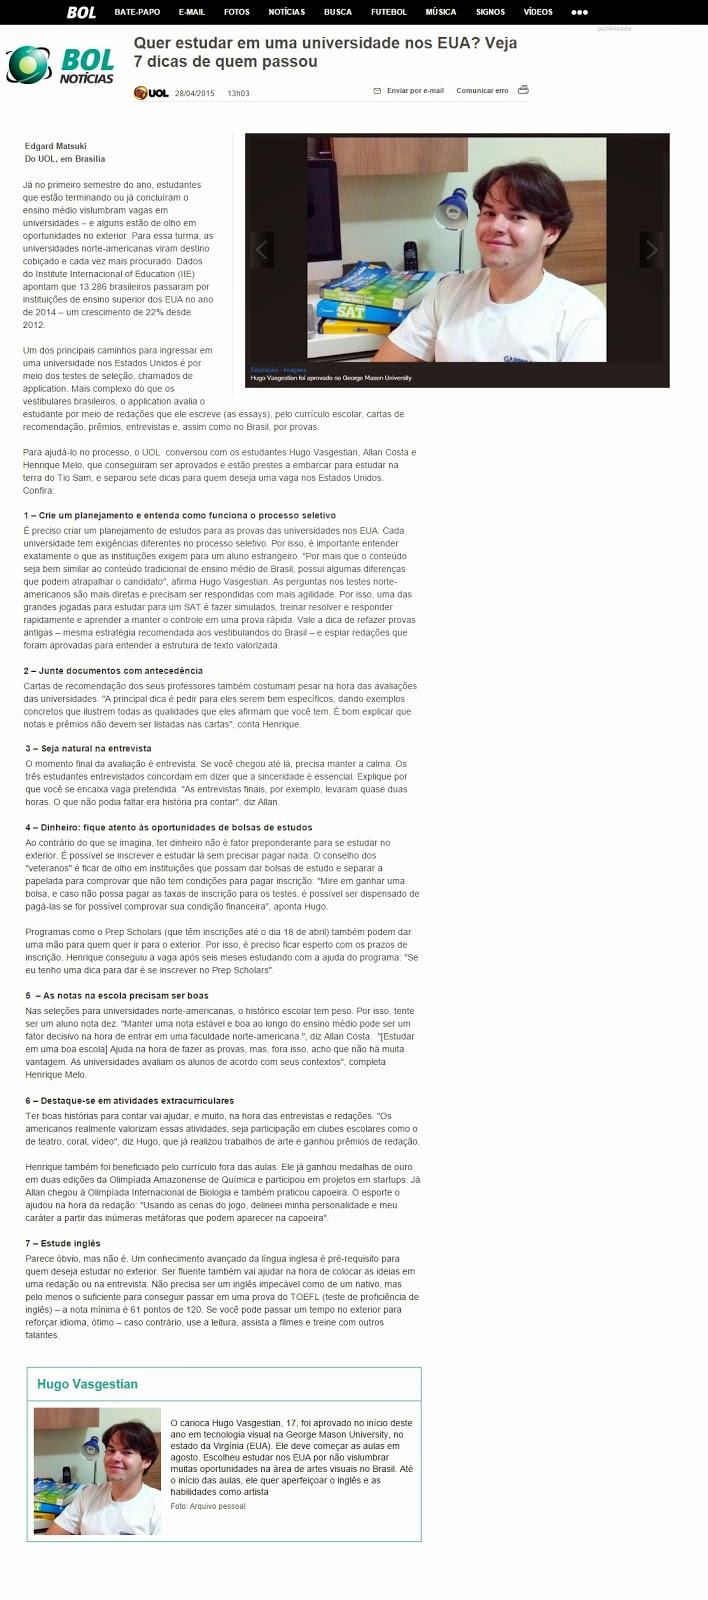 http://noticias.bol.uol.com.br/ultimas-noticias/educacao/2015/04/28/quer-estudar-em-uma-universidade-nos-eua-veja-7-dicas-de-quem-passou.htm